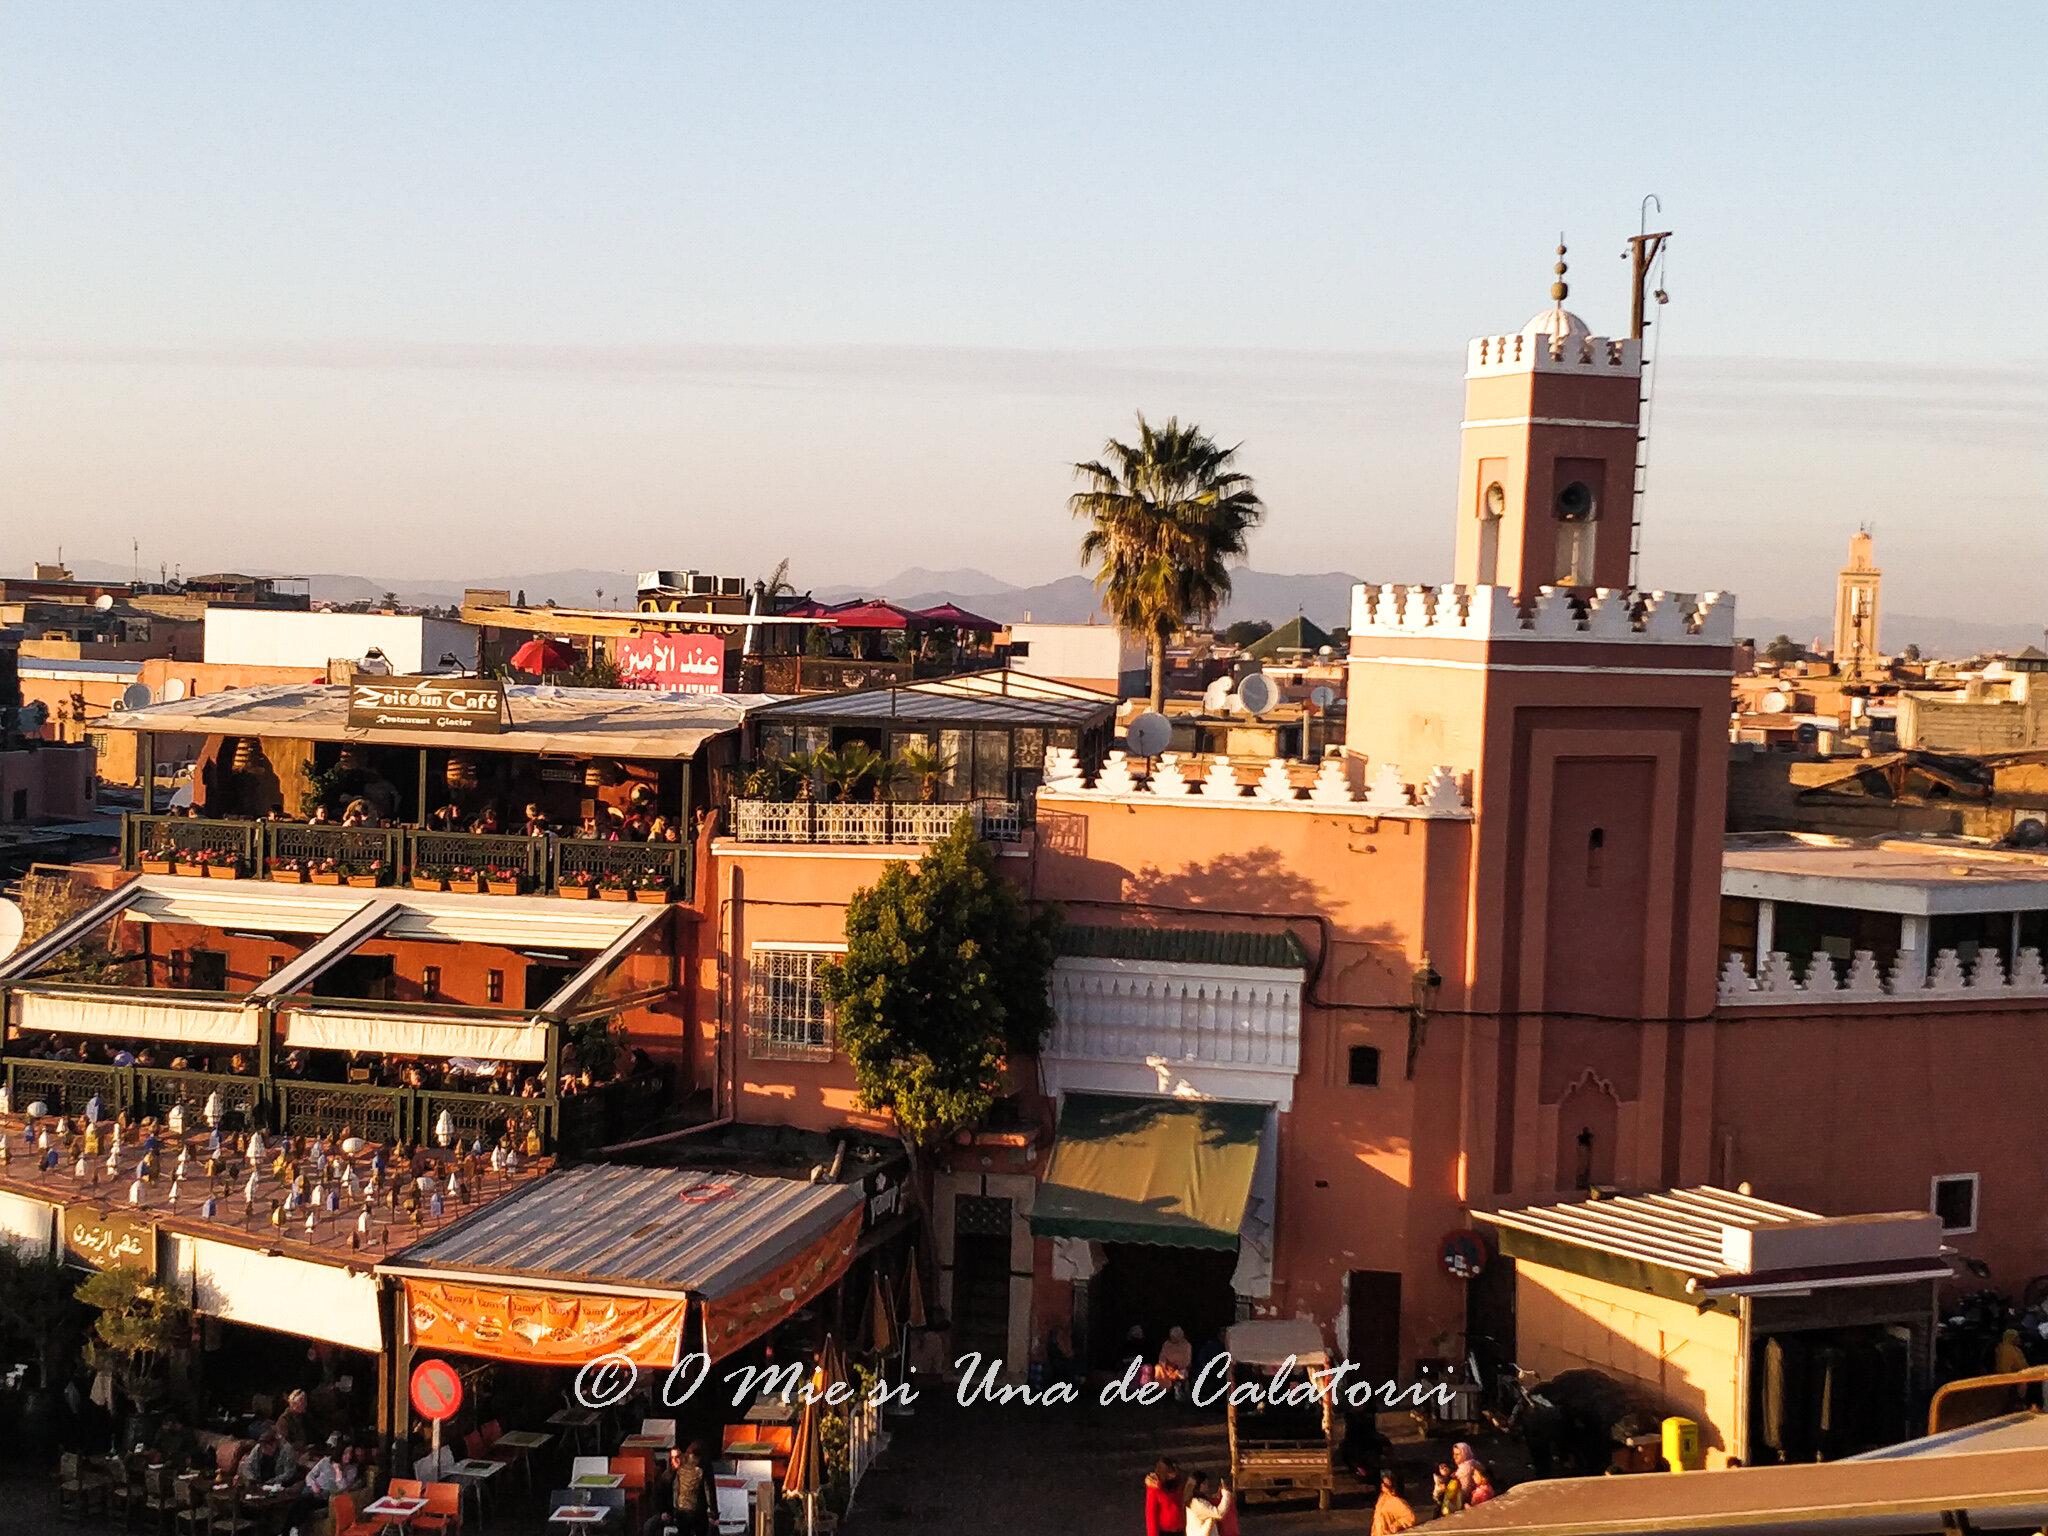 Intalnirea femeii Maroc Marrakech)